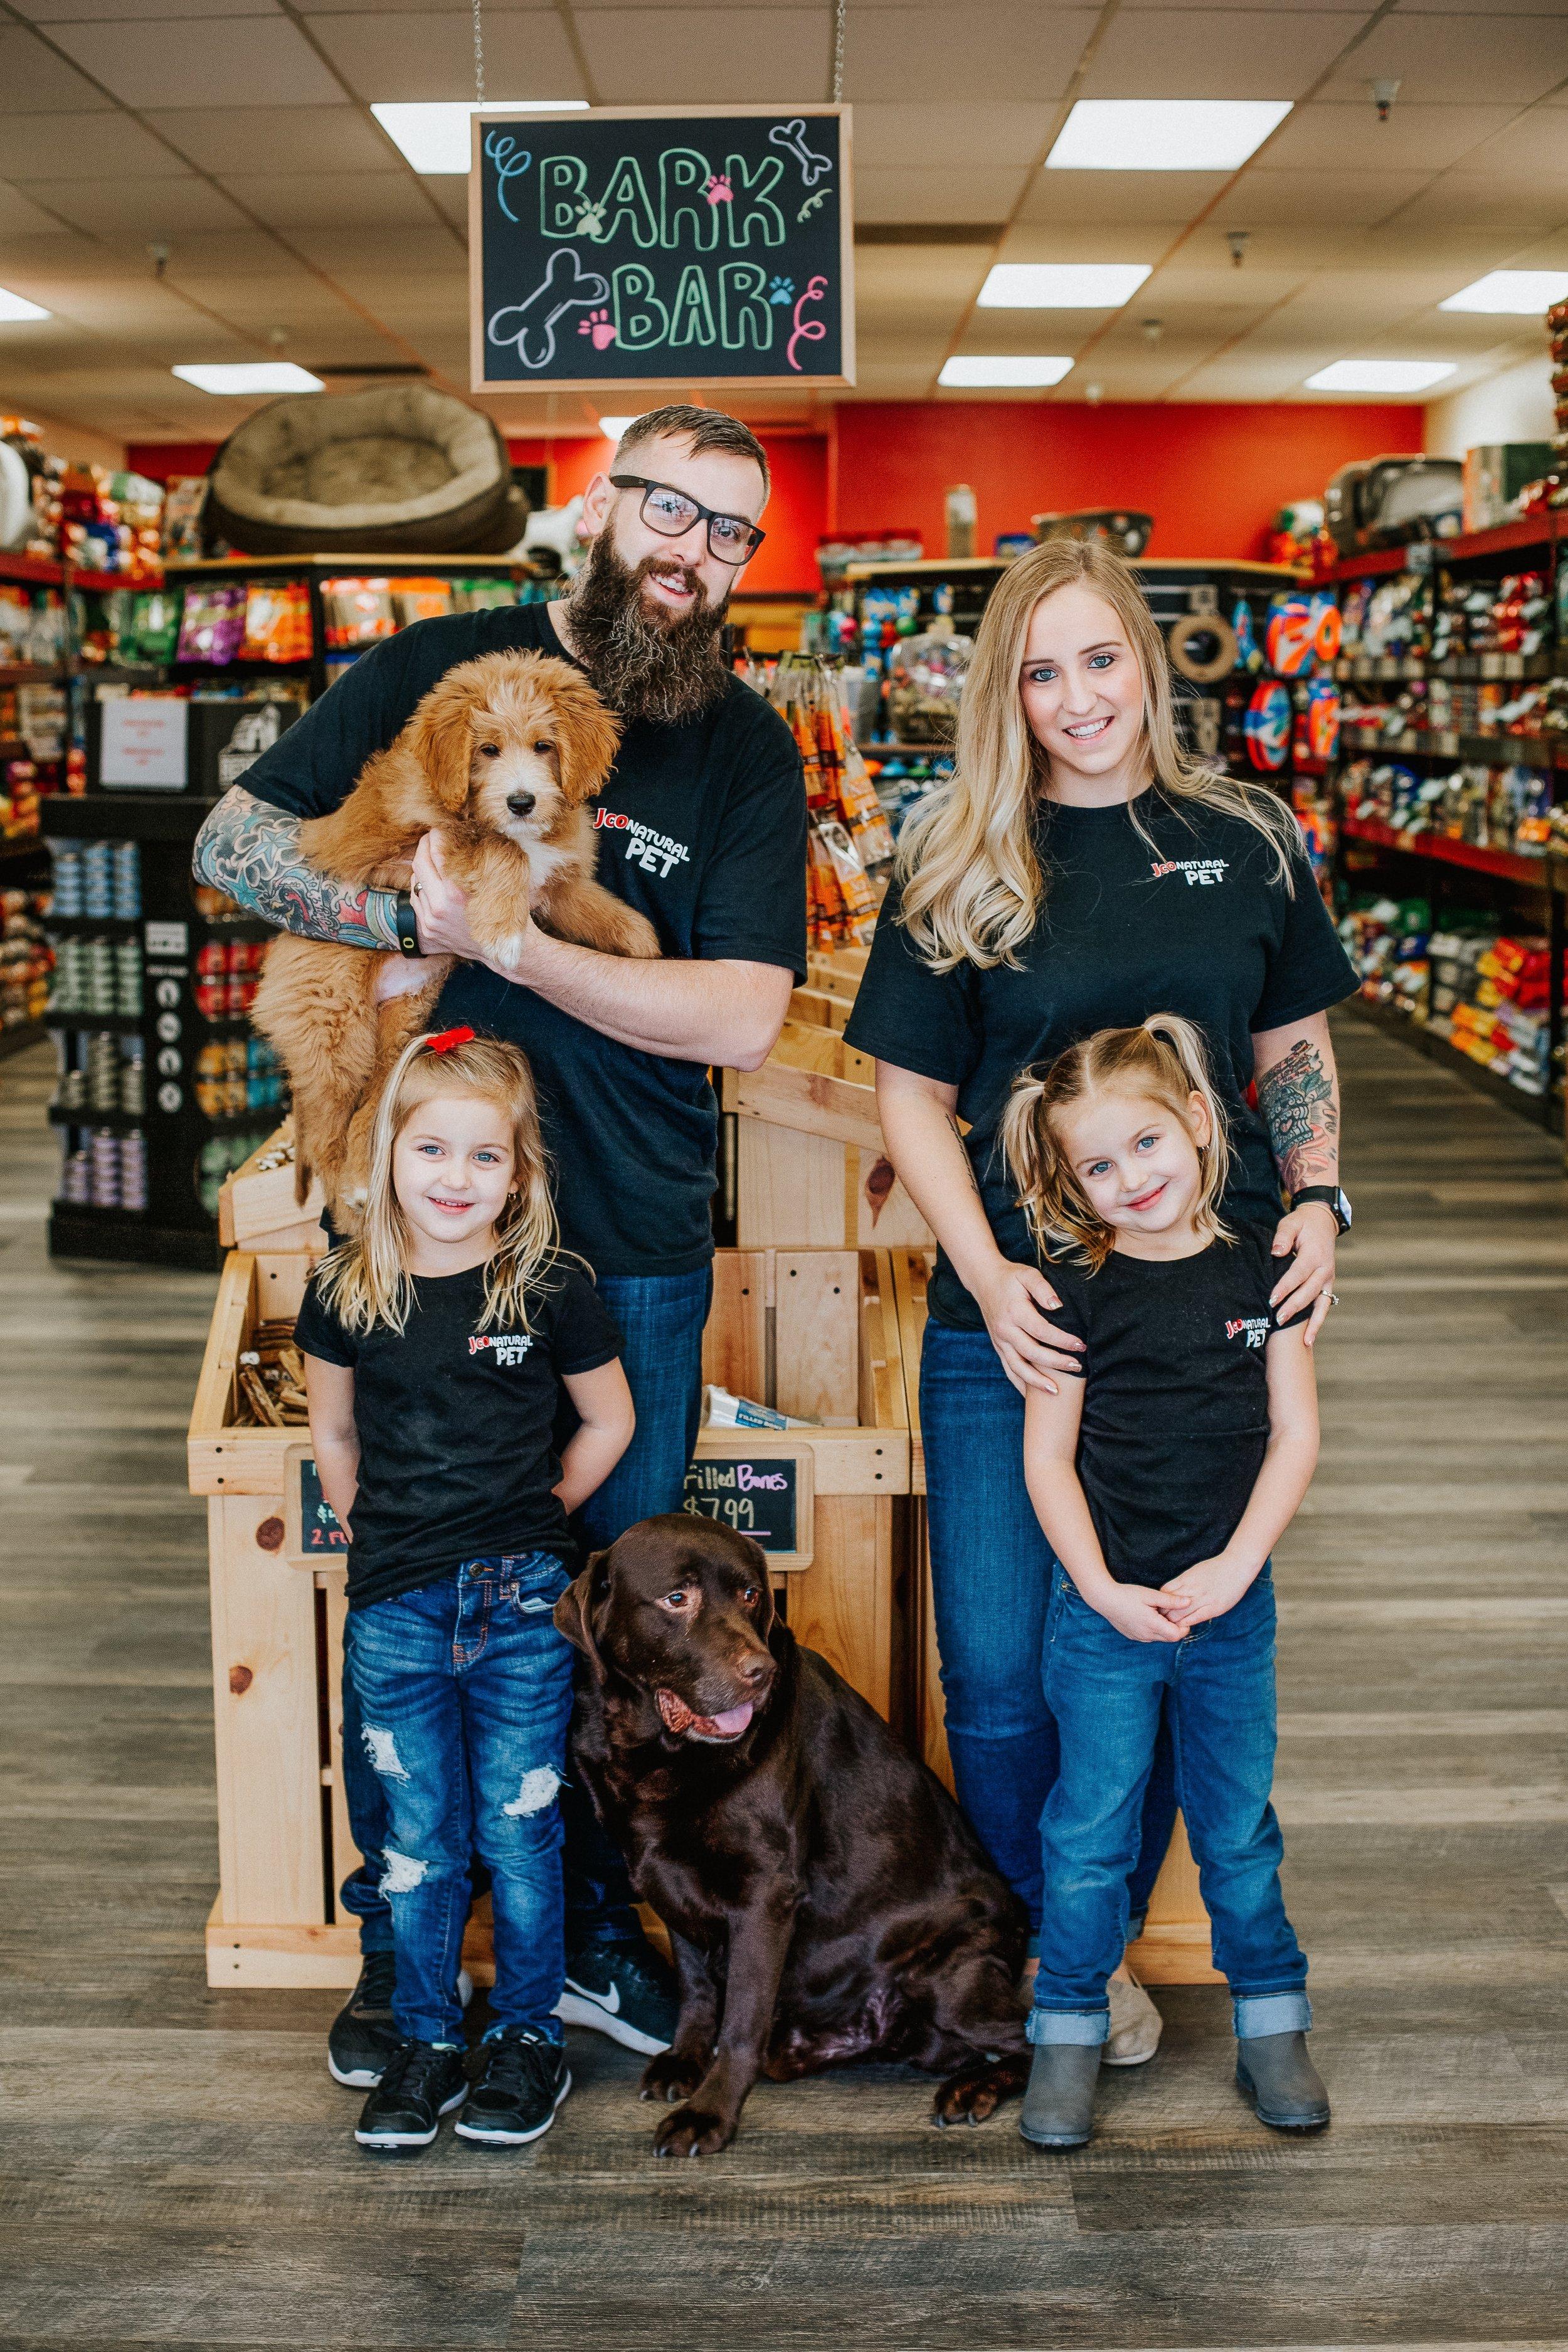 Jco-Natural-Pet-Eugene-Oregon-Tiller-Family-Pet-Store.jpg